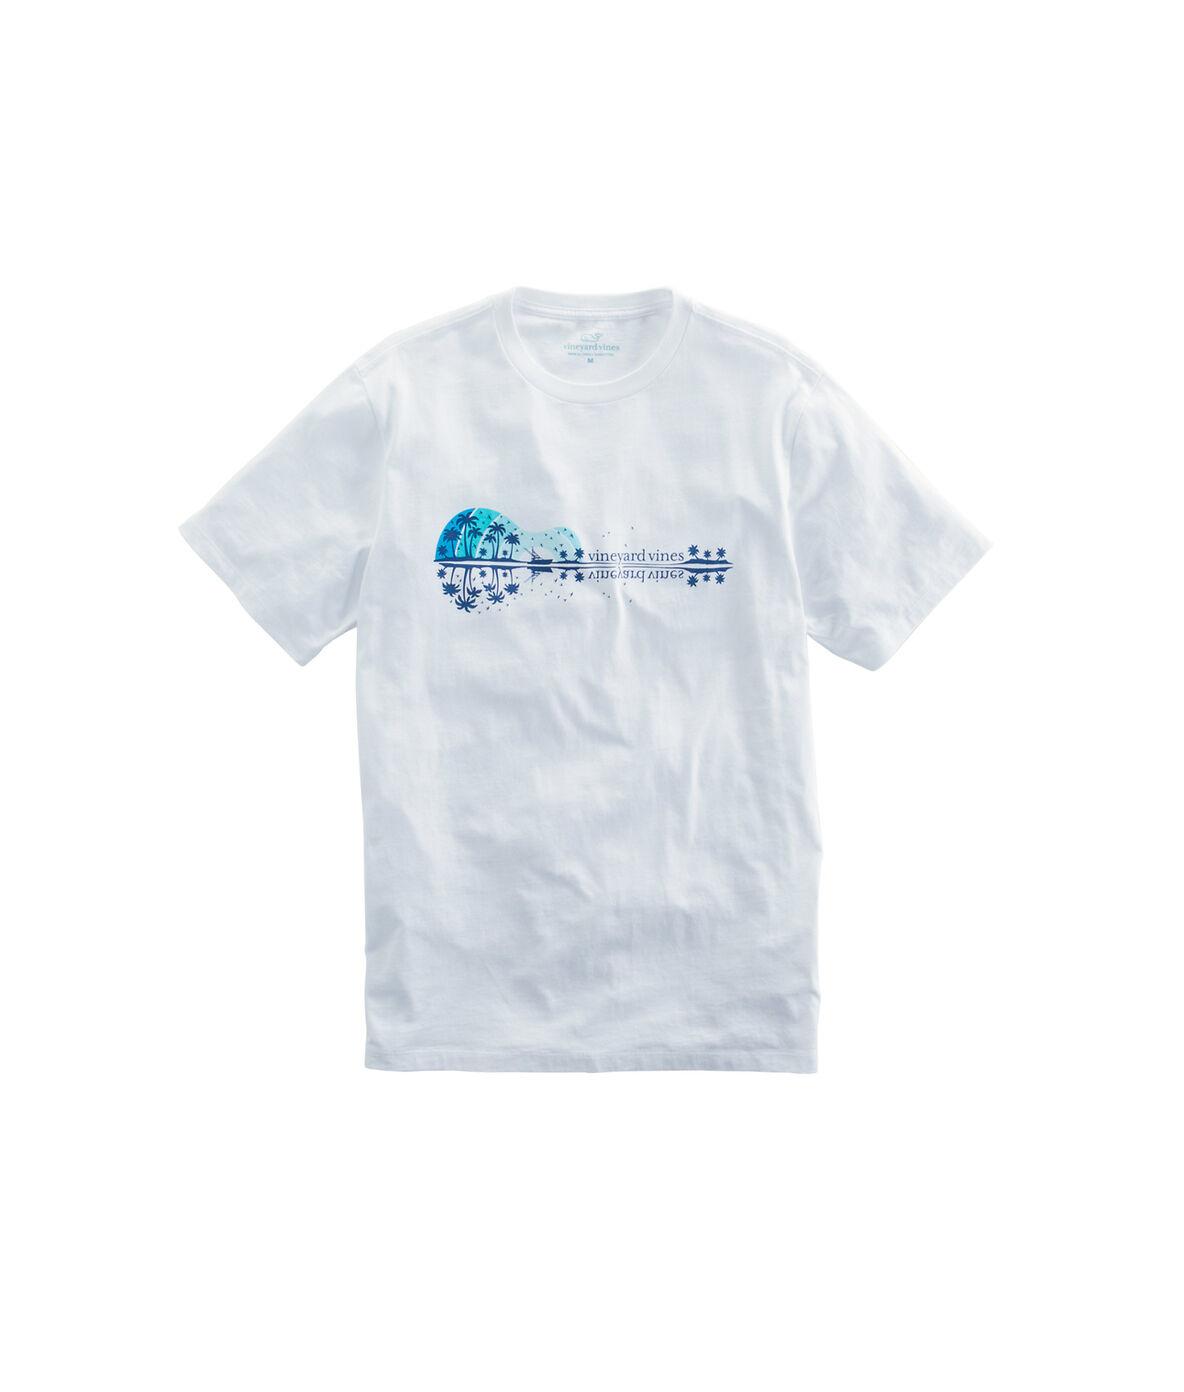 Shop Mens T shirts at vineyard vines FREE Shipping